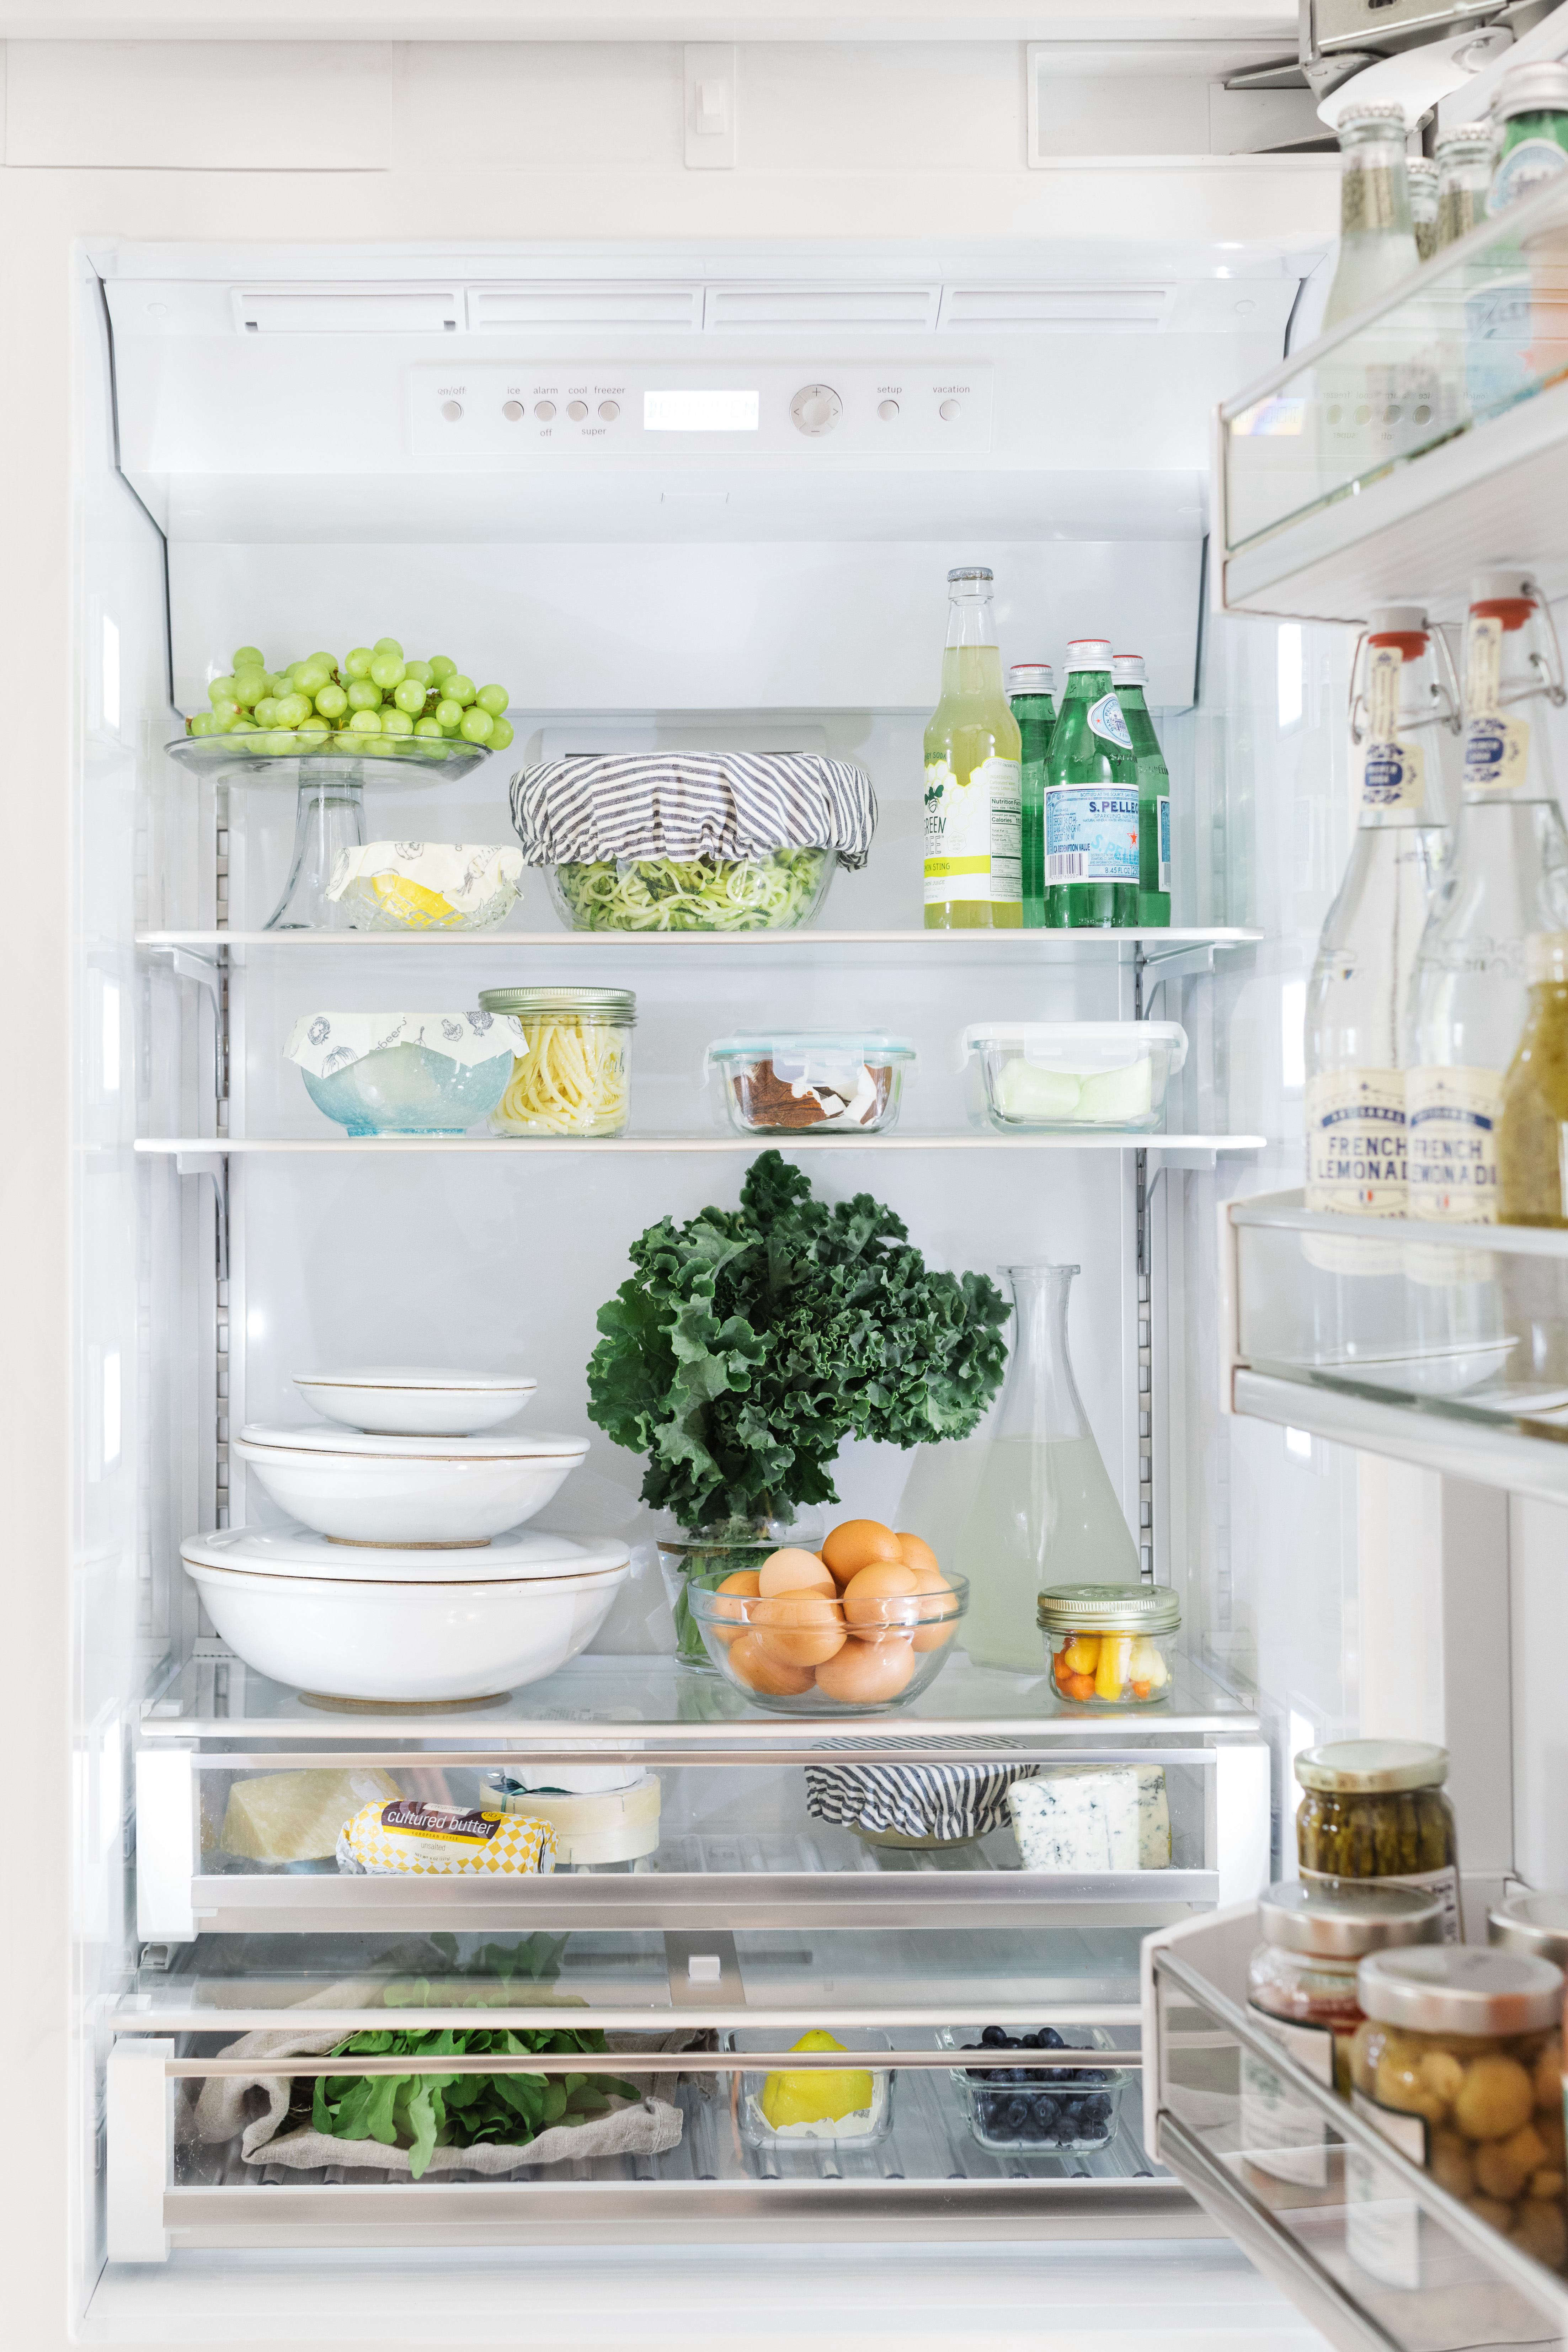 organized eco friendly refrigerator bosch full 1